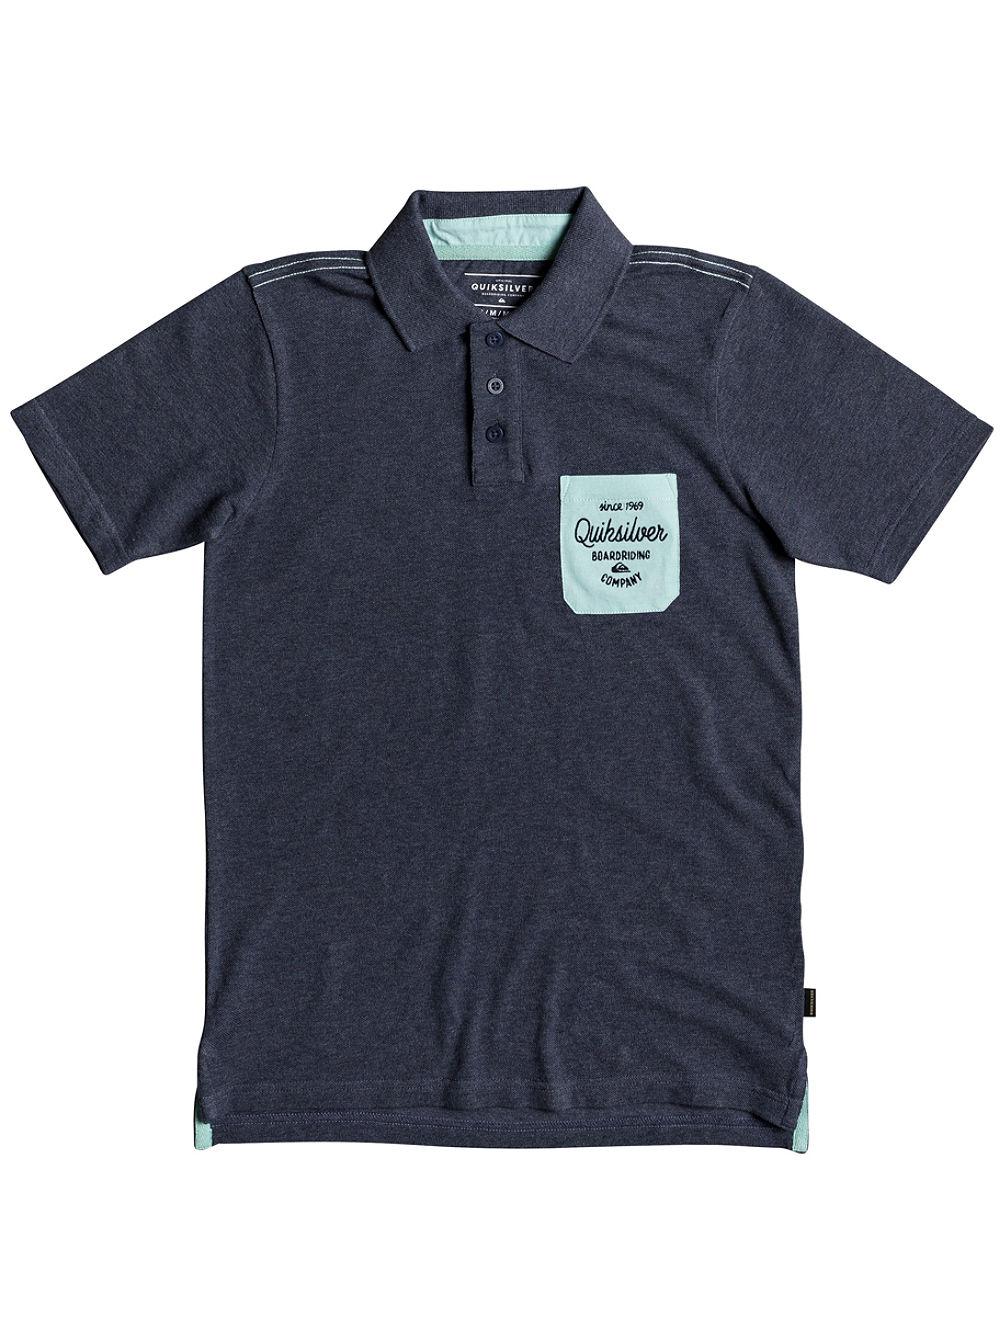 Quiksilver Puaku T-Shirt Jungen